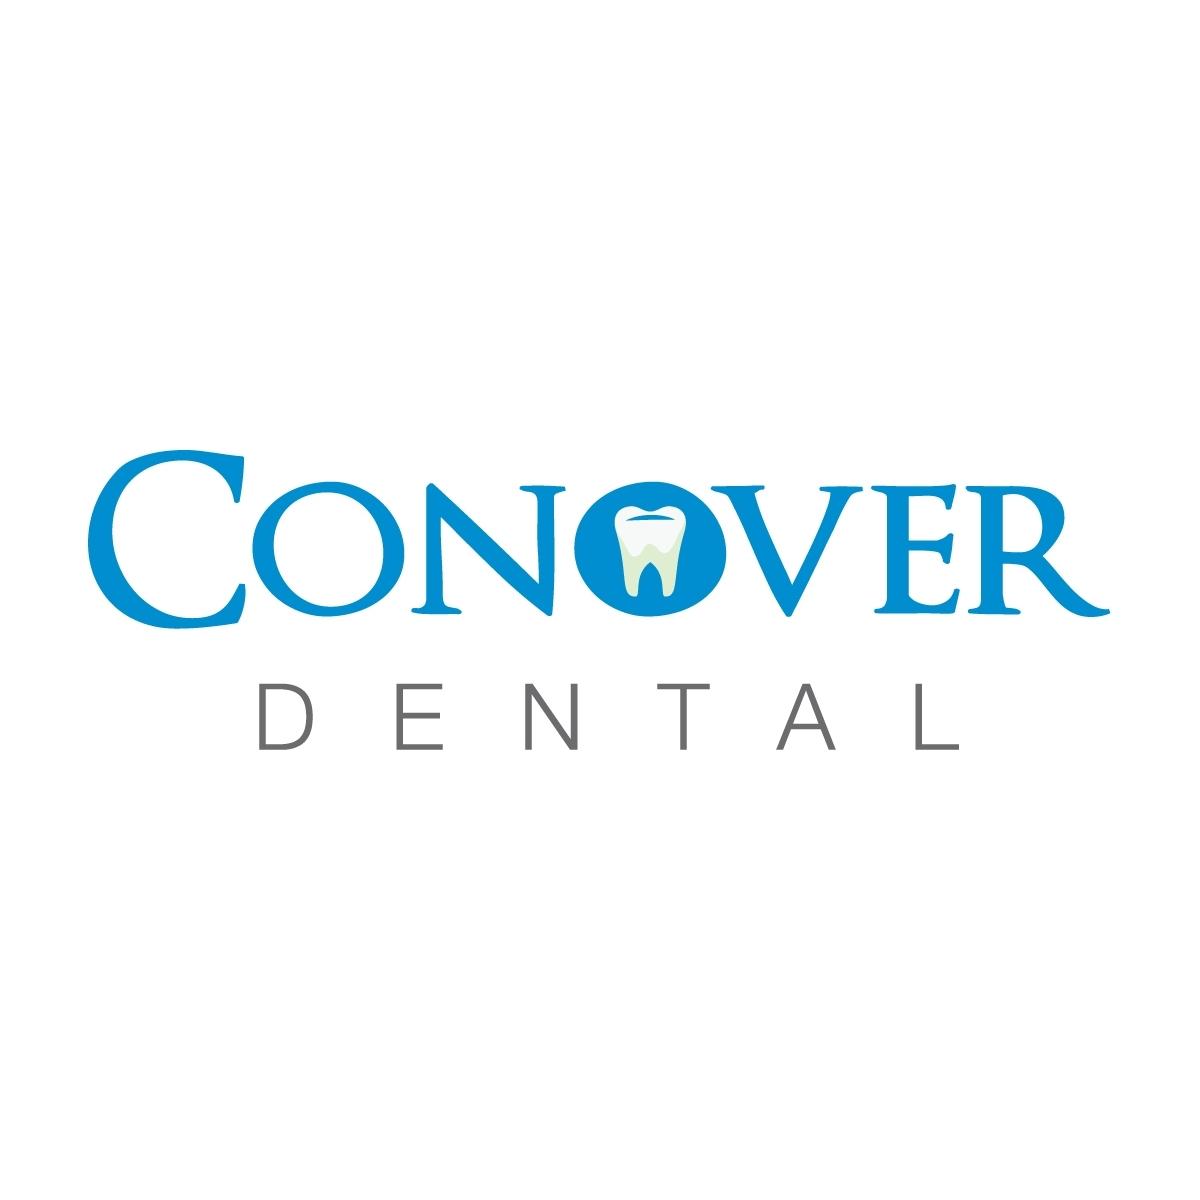 Conover Dental